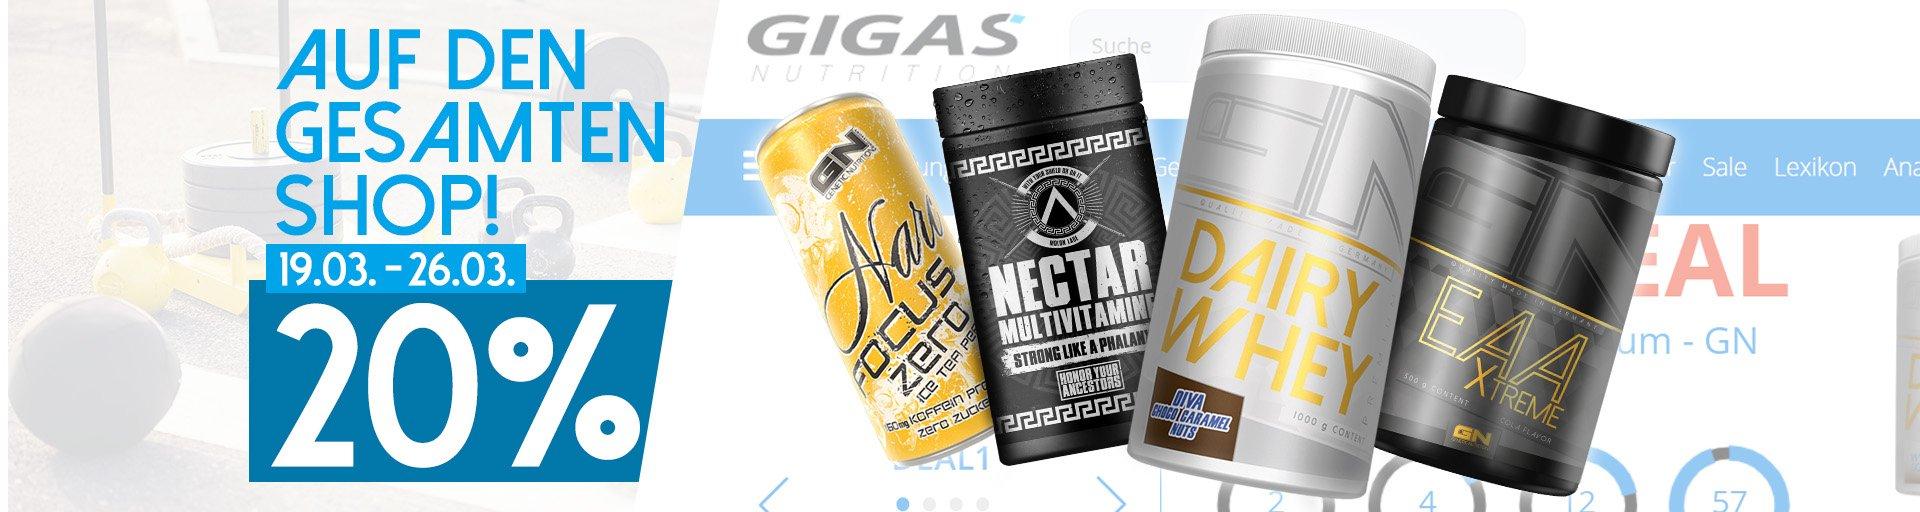 Gigas Nutrition 20% Rabatt auf den gesamten Shop (19.03. - 26.03./ +10% Extra-Rabatt)